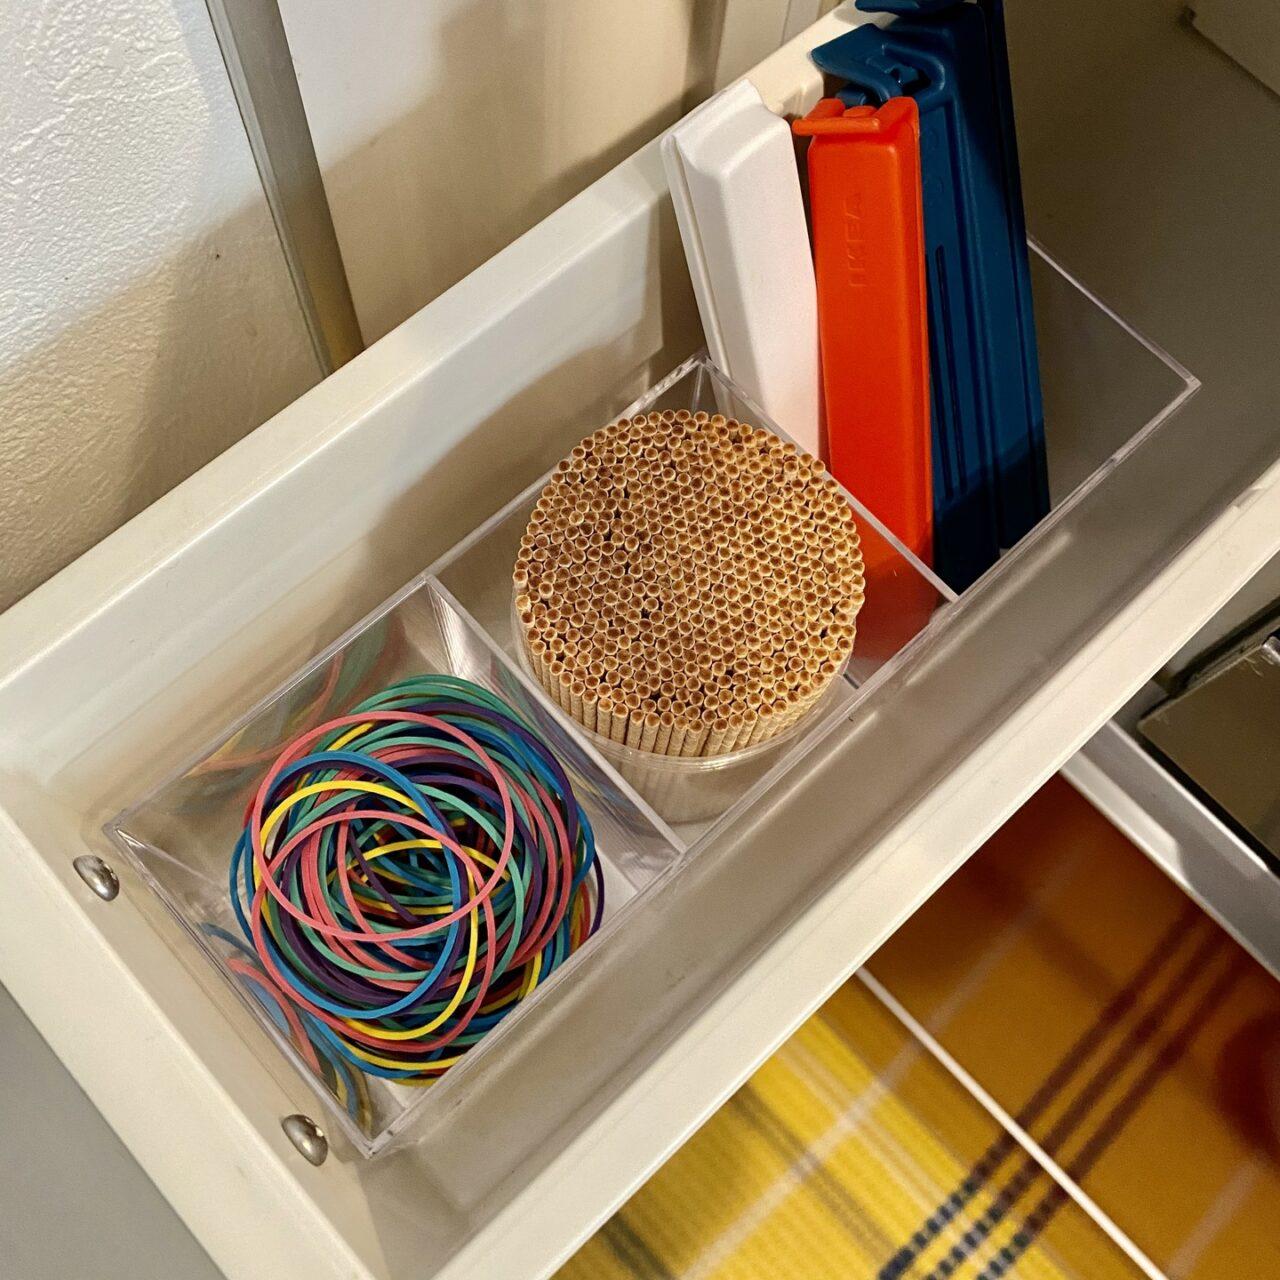 キッチンの引き出しに輪ゴムを収納する画像